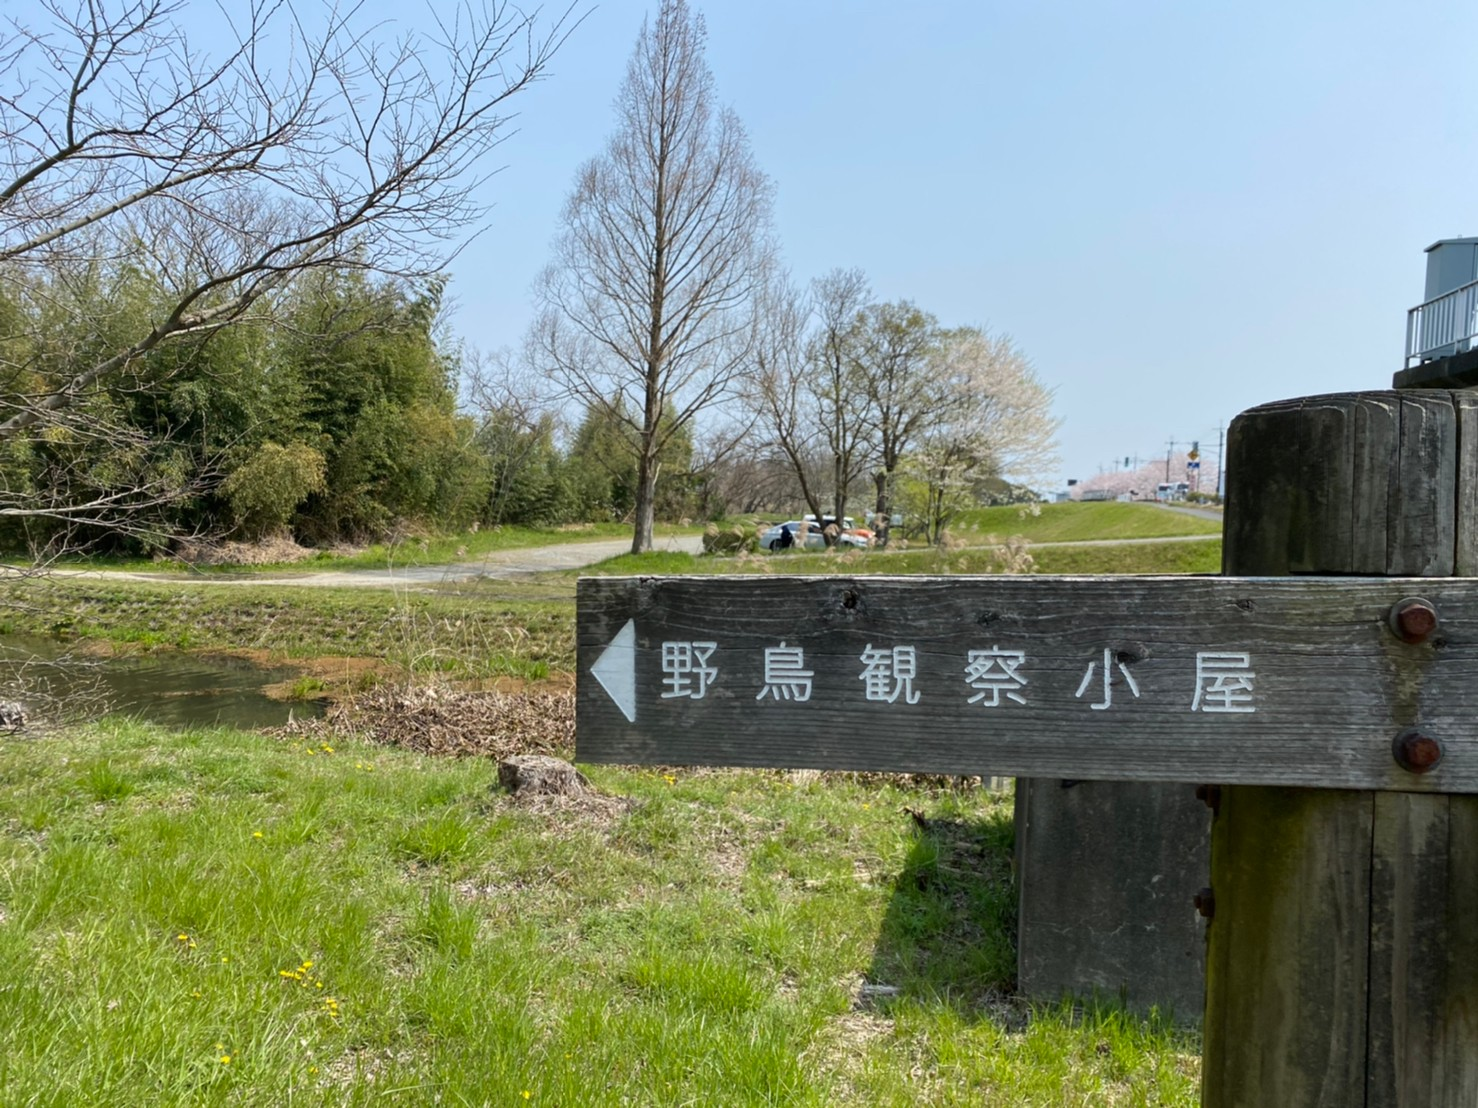 【高島市】『角野浜 湖岸公園』のアウトドア情報